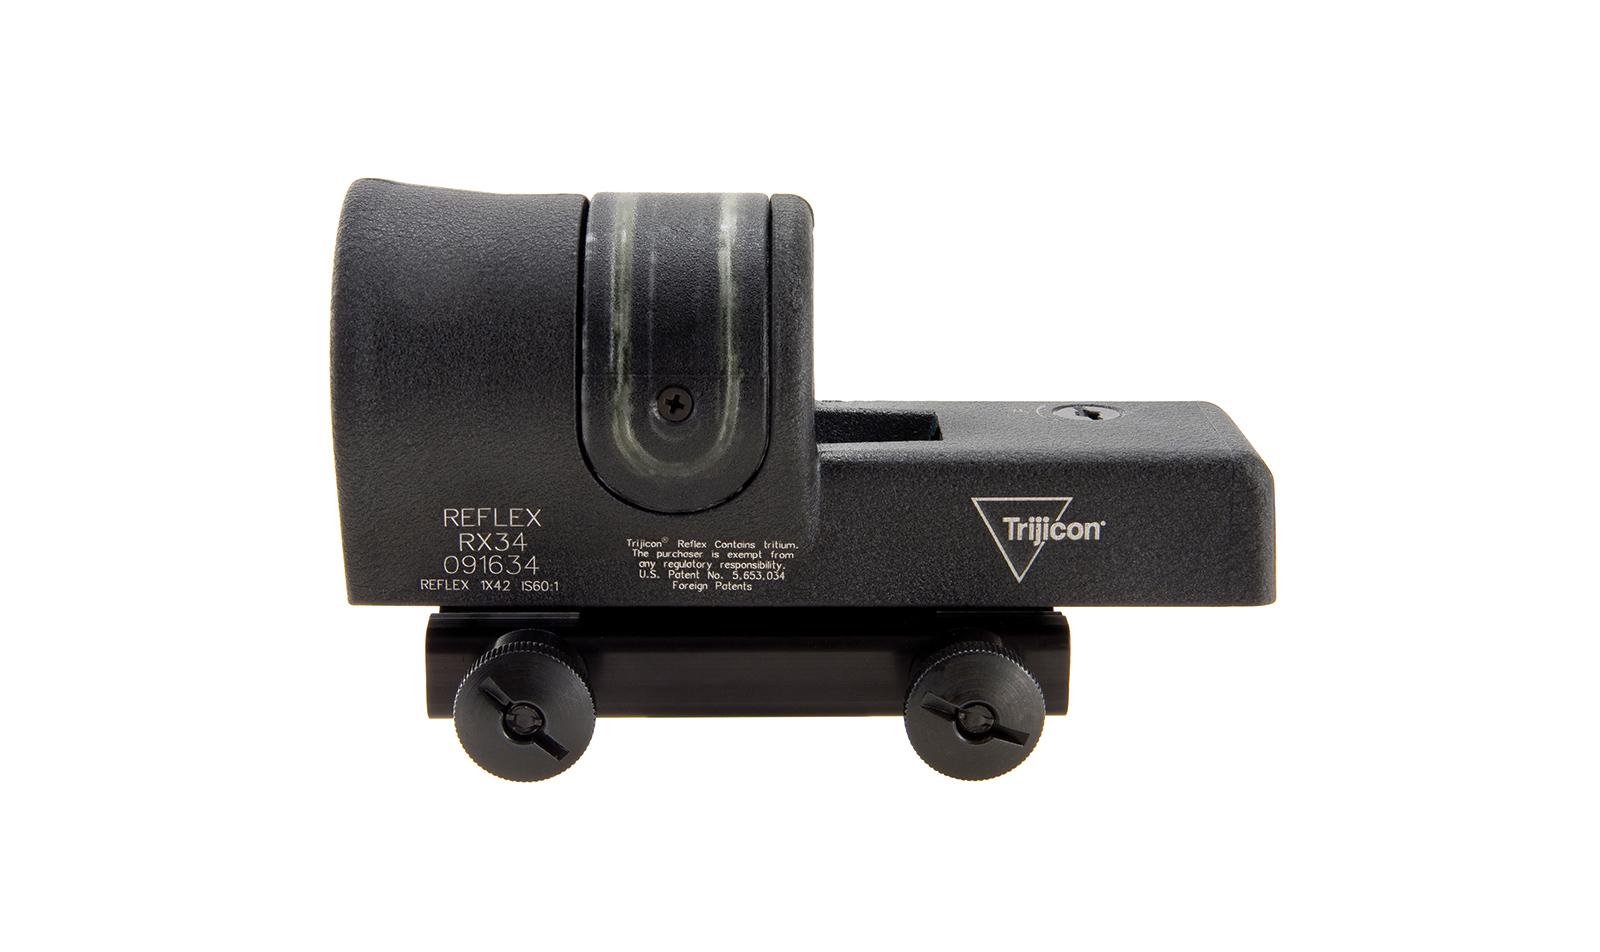 RX34-C-800112 angle 2